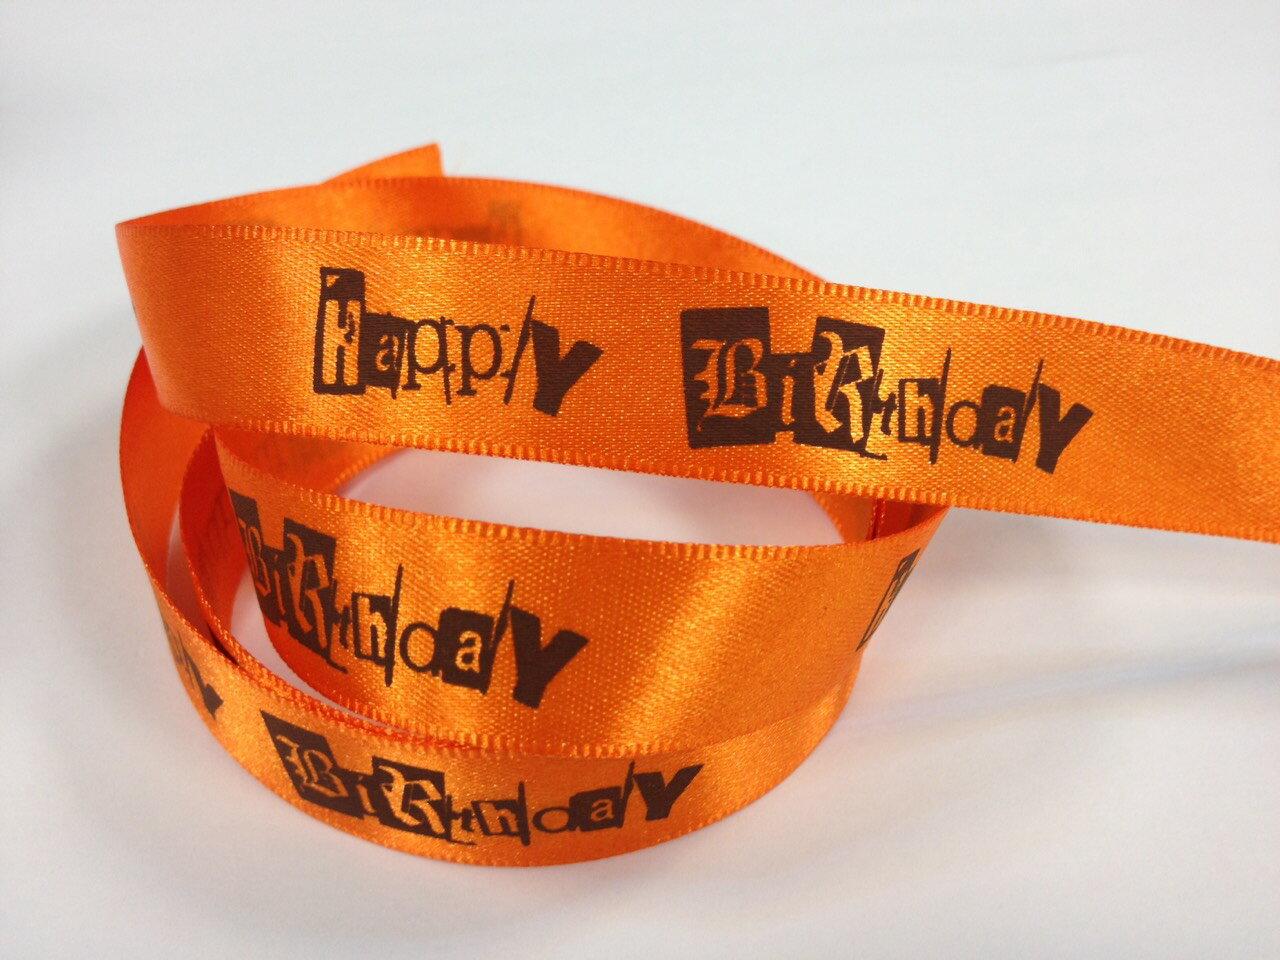 雙面緞緞帶生日快樂-塗鴉15mm3碼 0